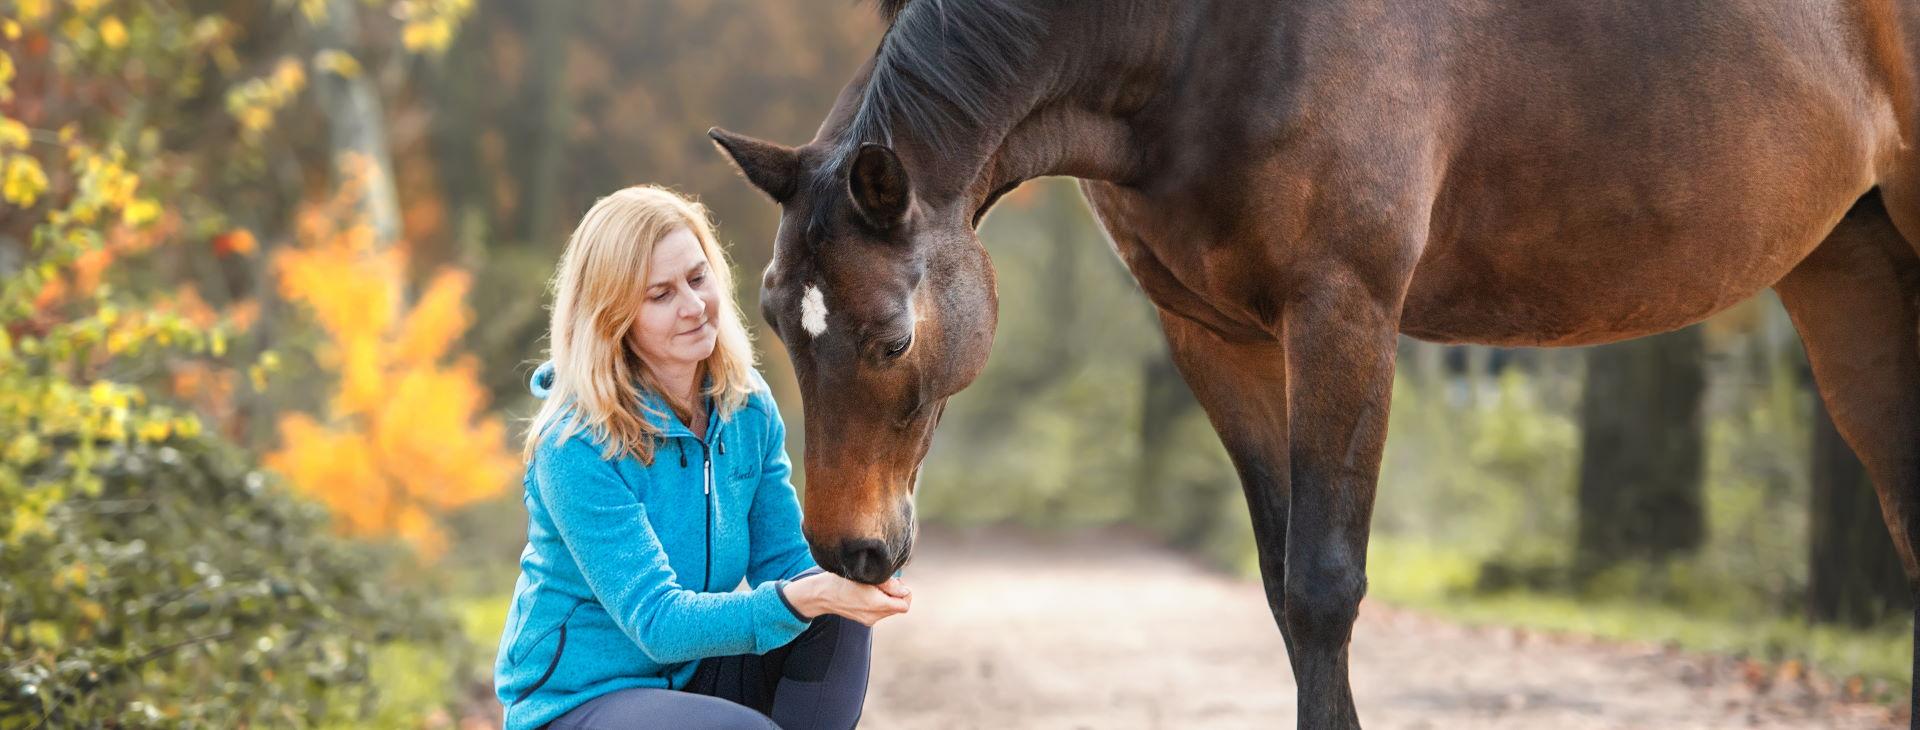 Mentaltraining für Reiter - Petra mit Pferd und Hund - sehr vertraut